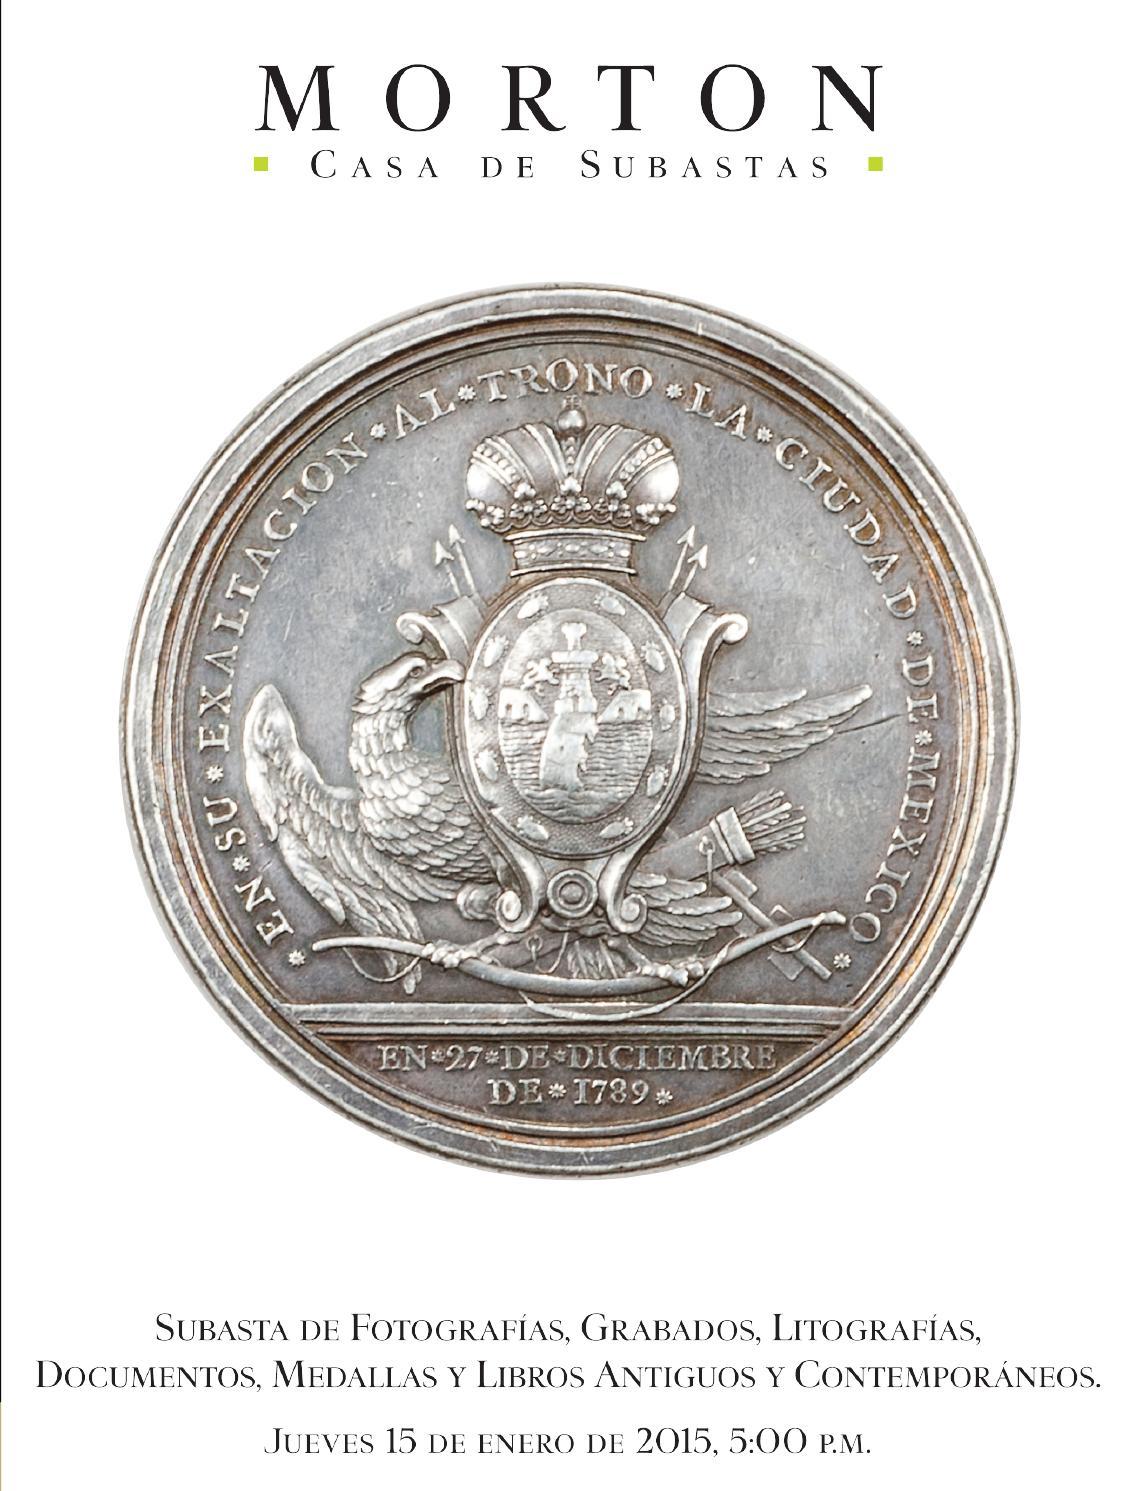 d0a2abb5cf1d Subasta de Libros y Documentos. by Morton Subastas - issuu